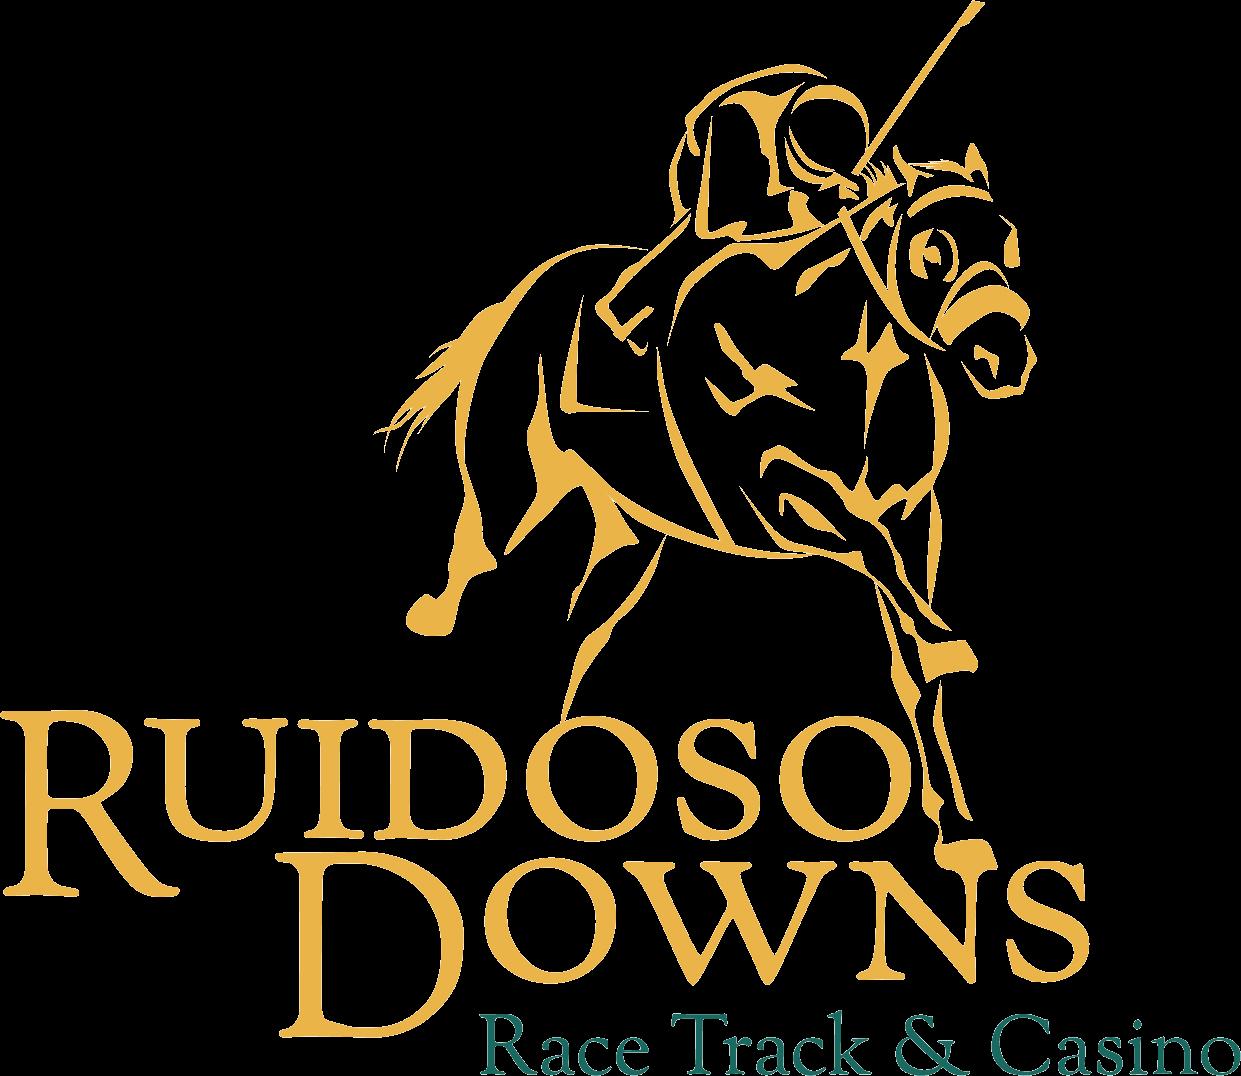 Ruidoso Downs Racetrack & Casino